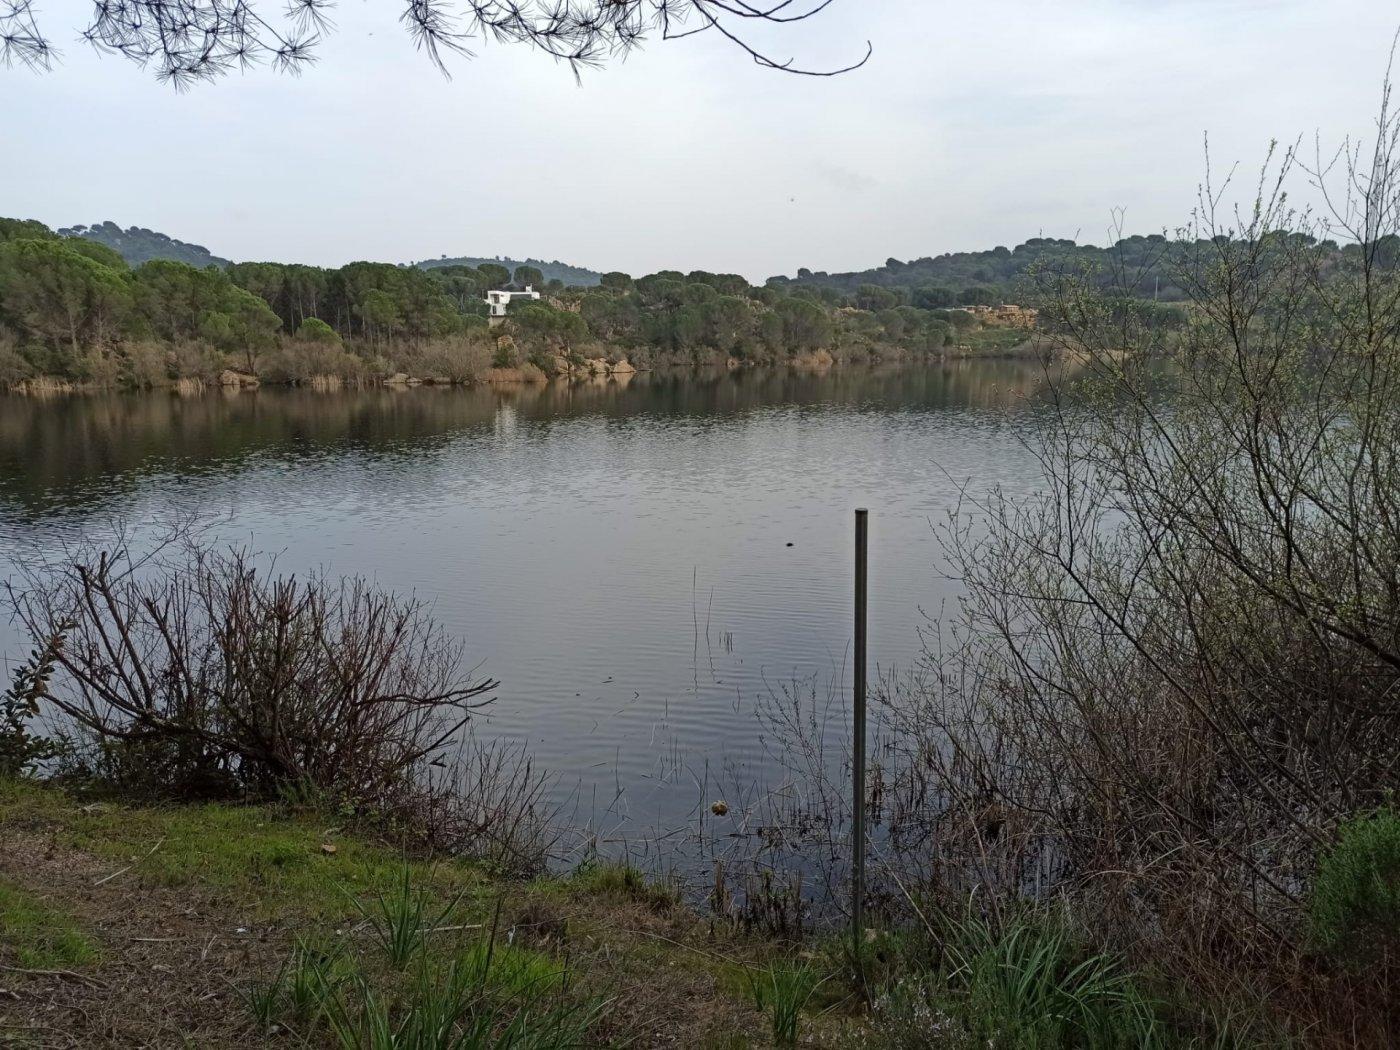 Se vende parcela urbana en las jaras a orilla del lago - imagenInmueble16